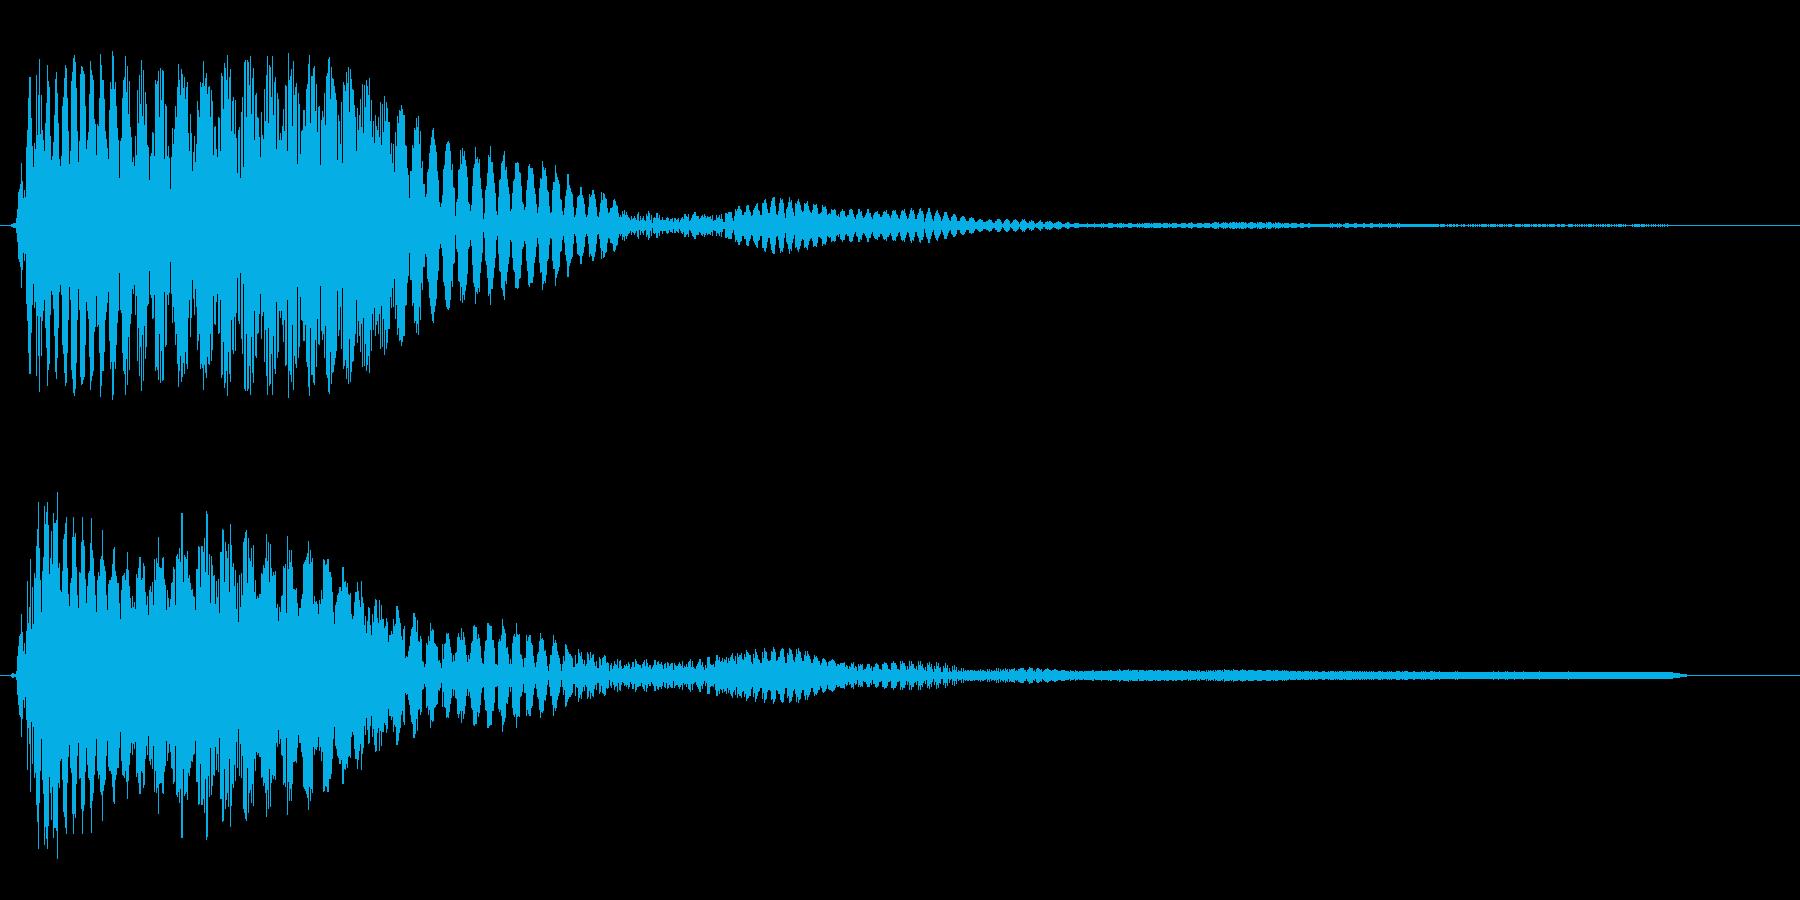 ピュ↓イ〜↑ン(下がって上がるシンセ音)の再生済みの波形